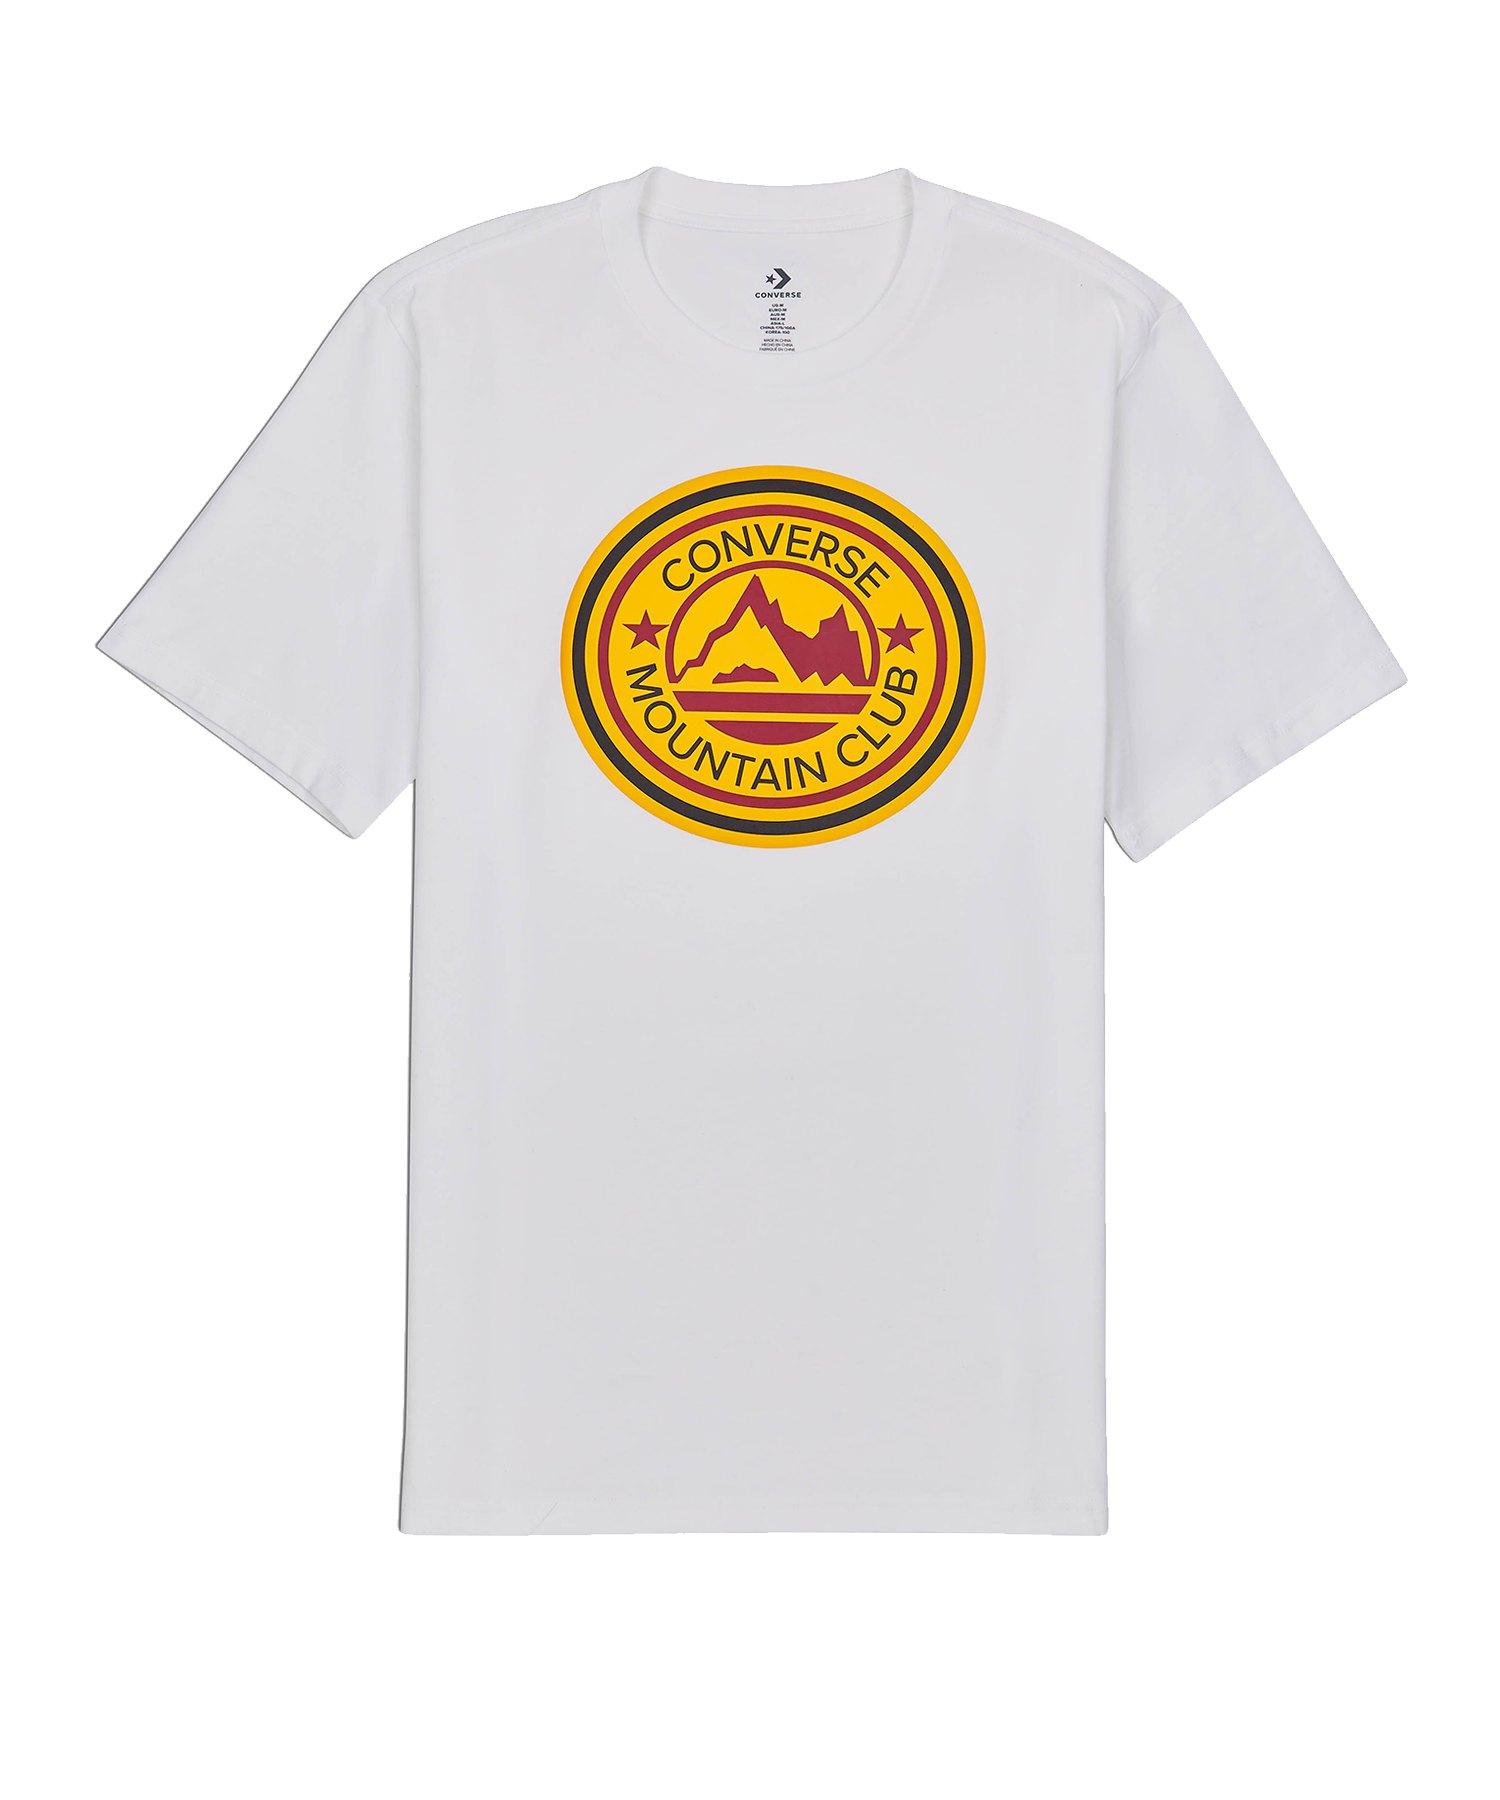 Converse Mountain Club Patch T-Shirt Weiss - weiss